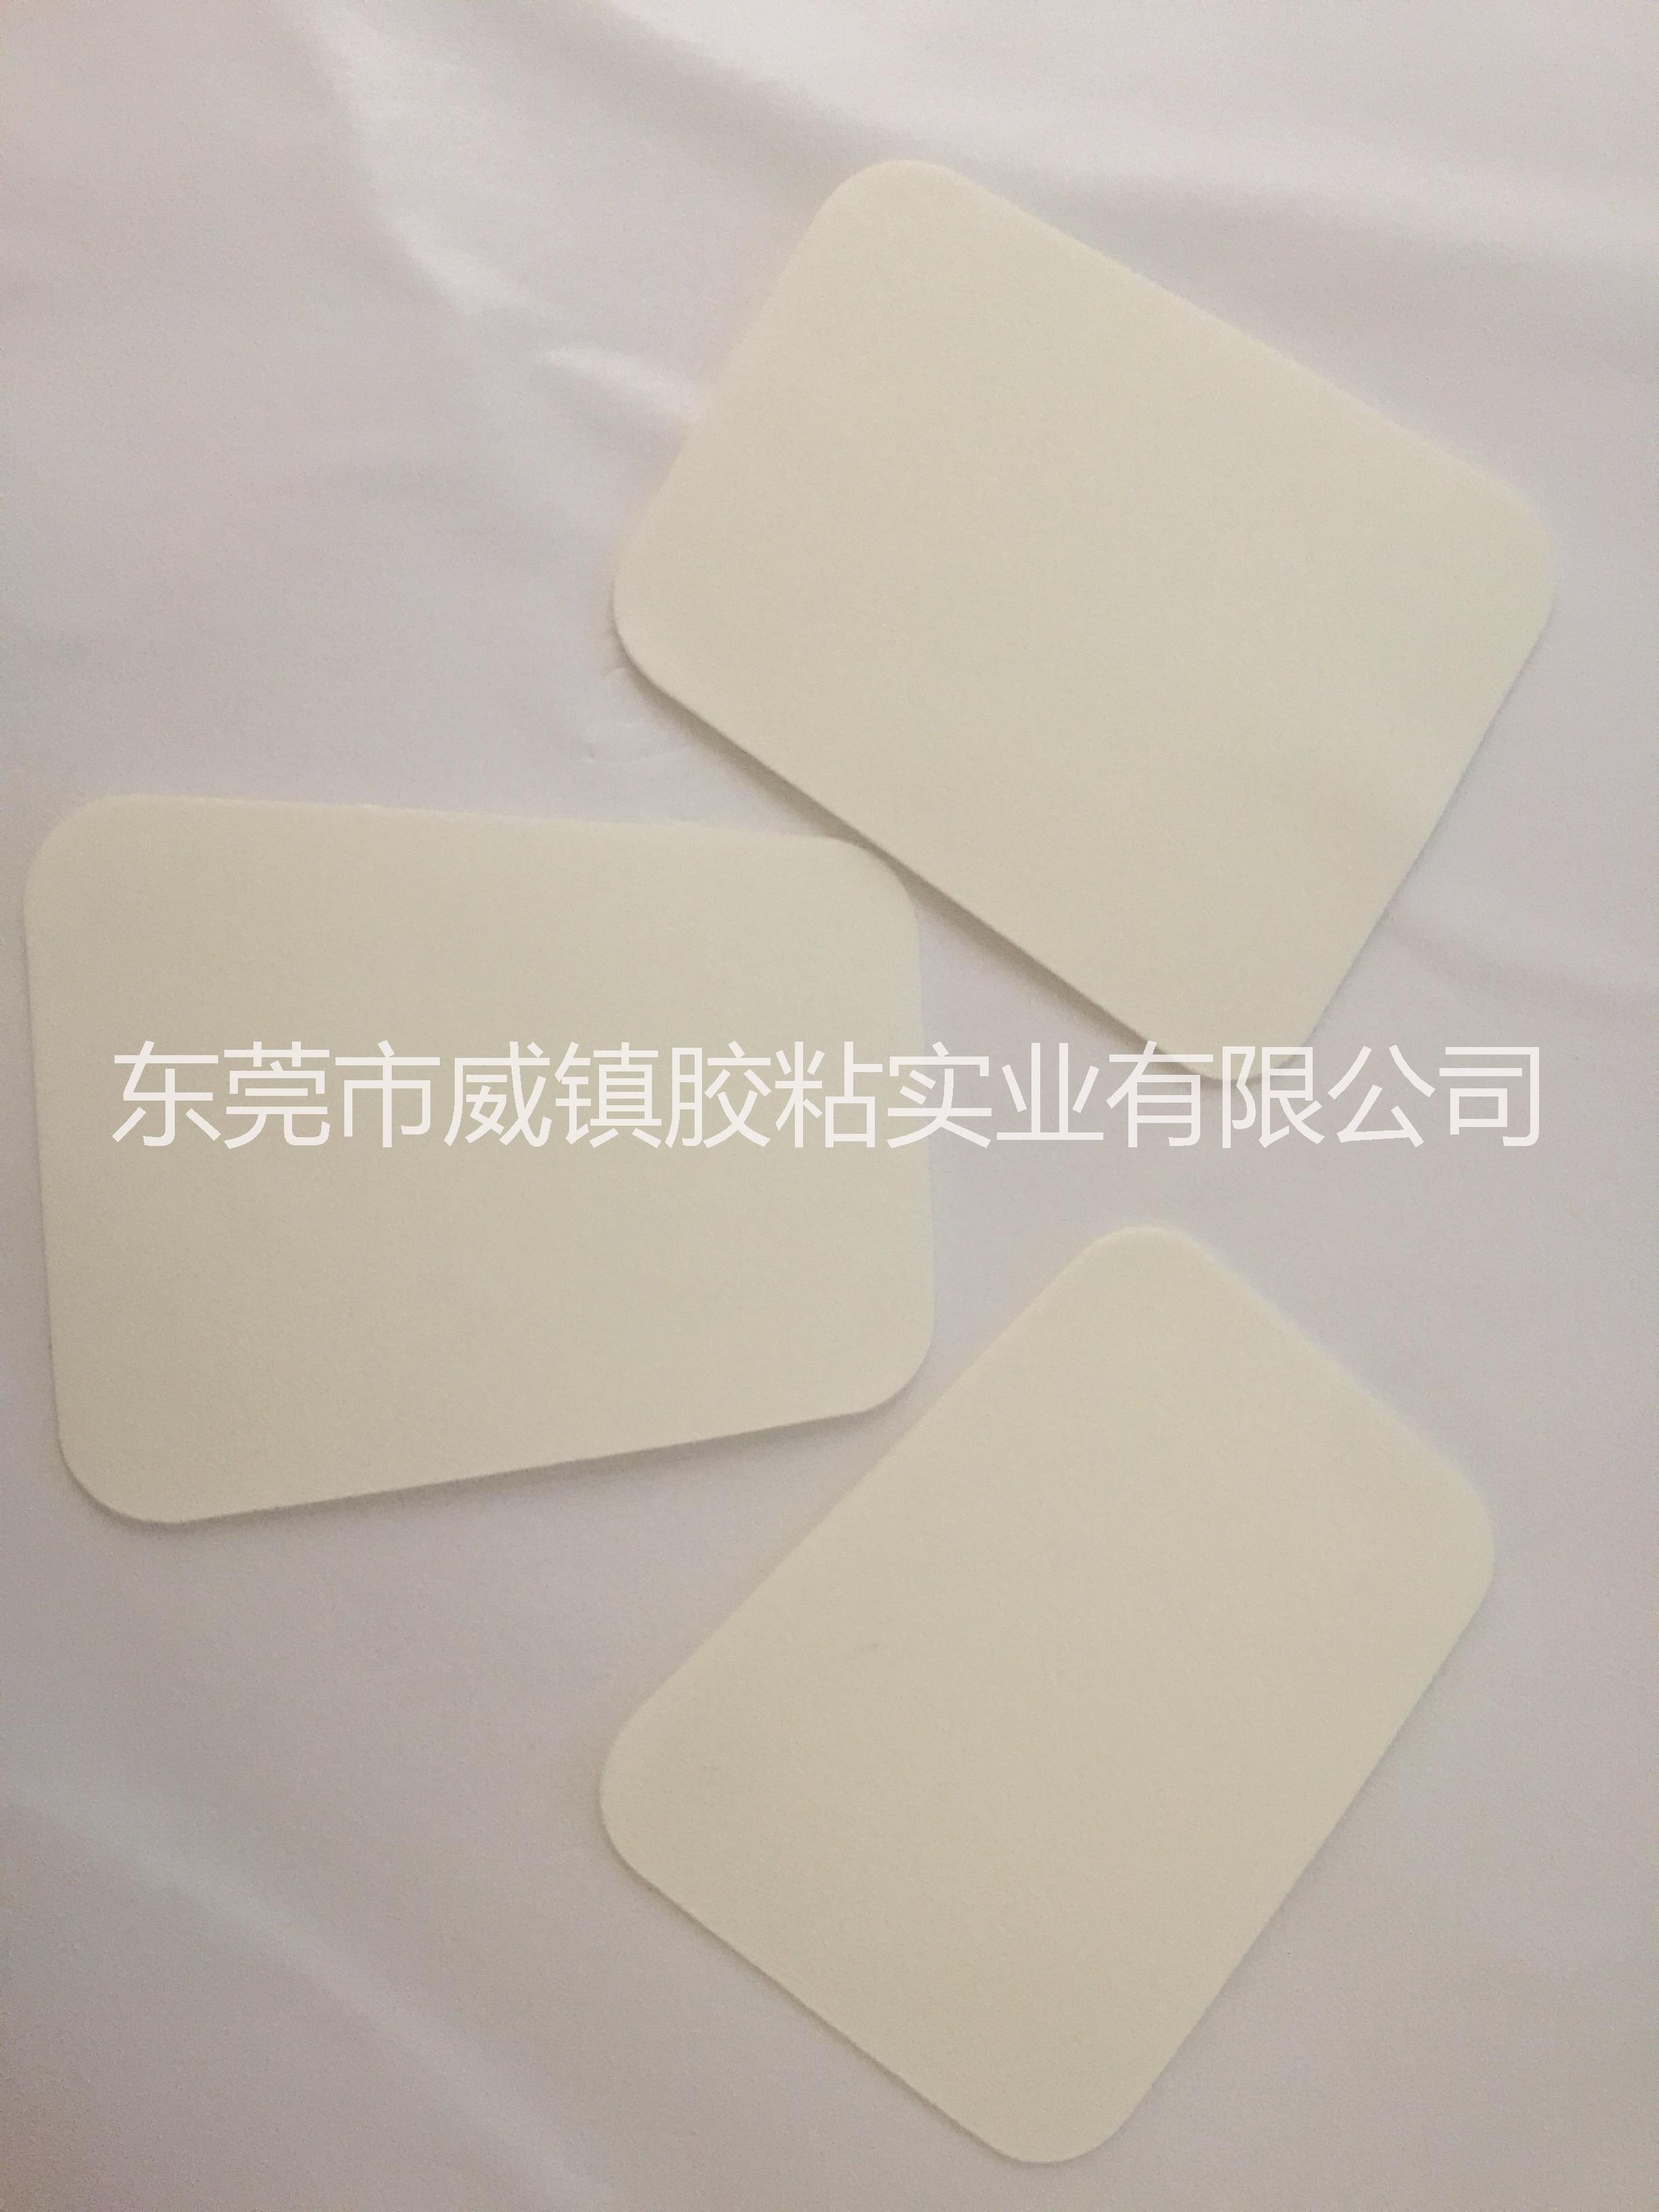 供应用于微吸胶的手机支架纳米微吸胶 反重力微吸胶贴